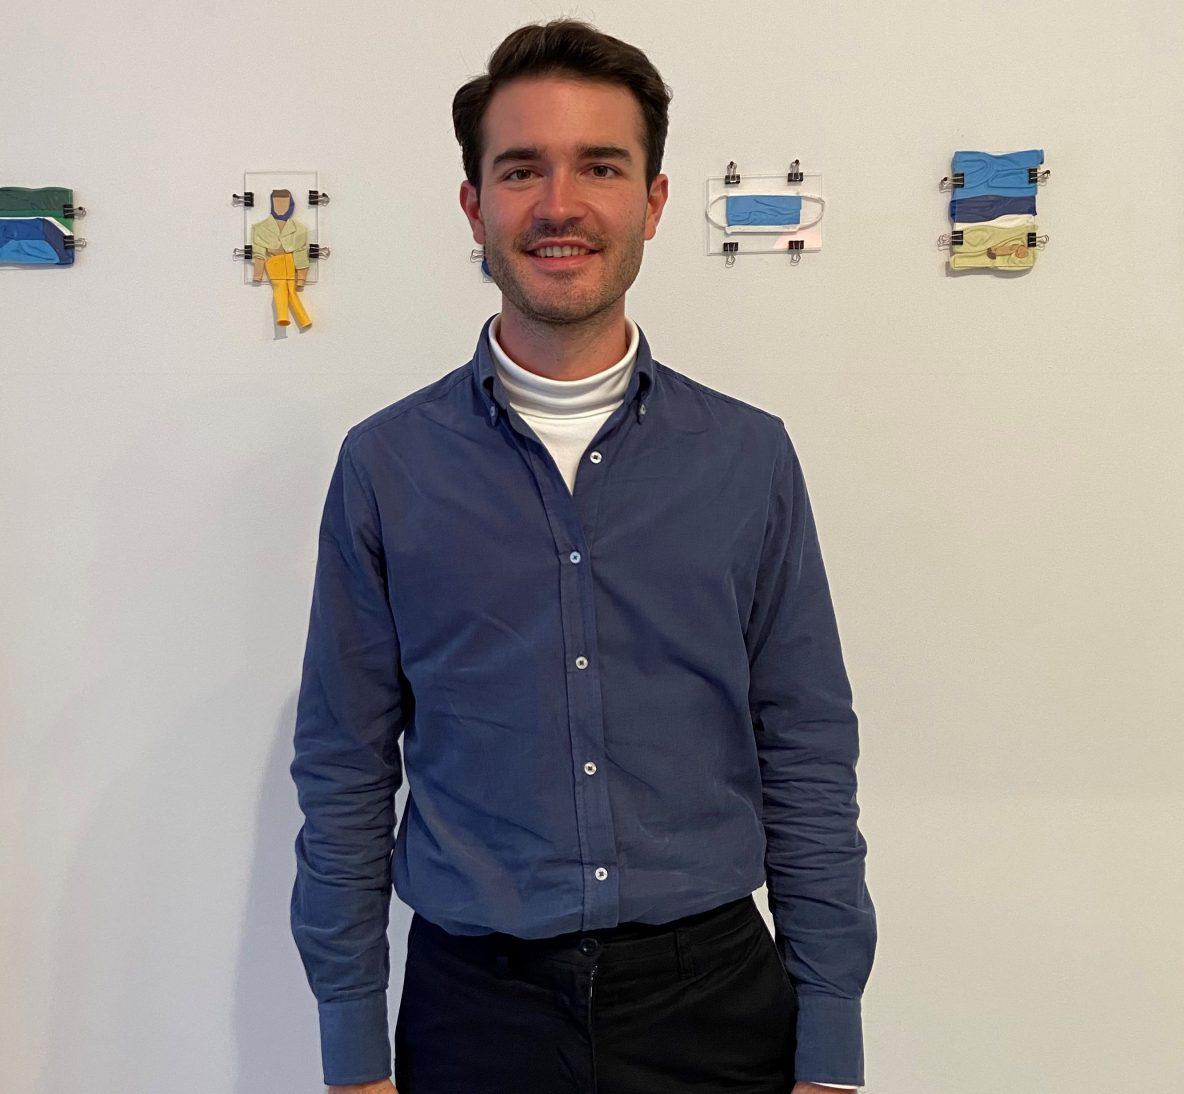 Gilles Tytgat bij zijn expositie in Rotterdam